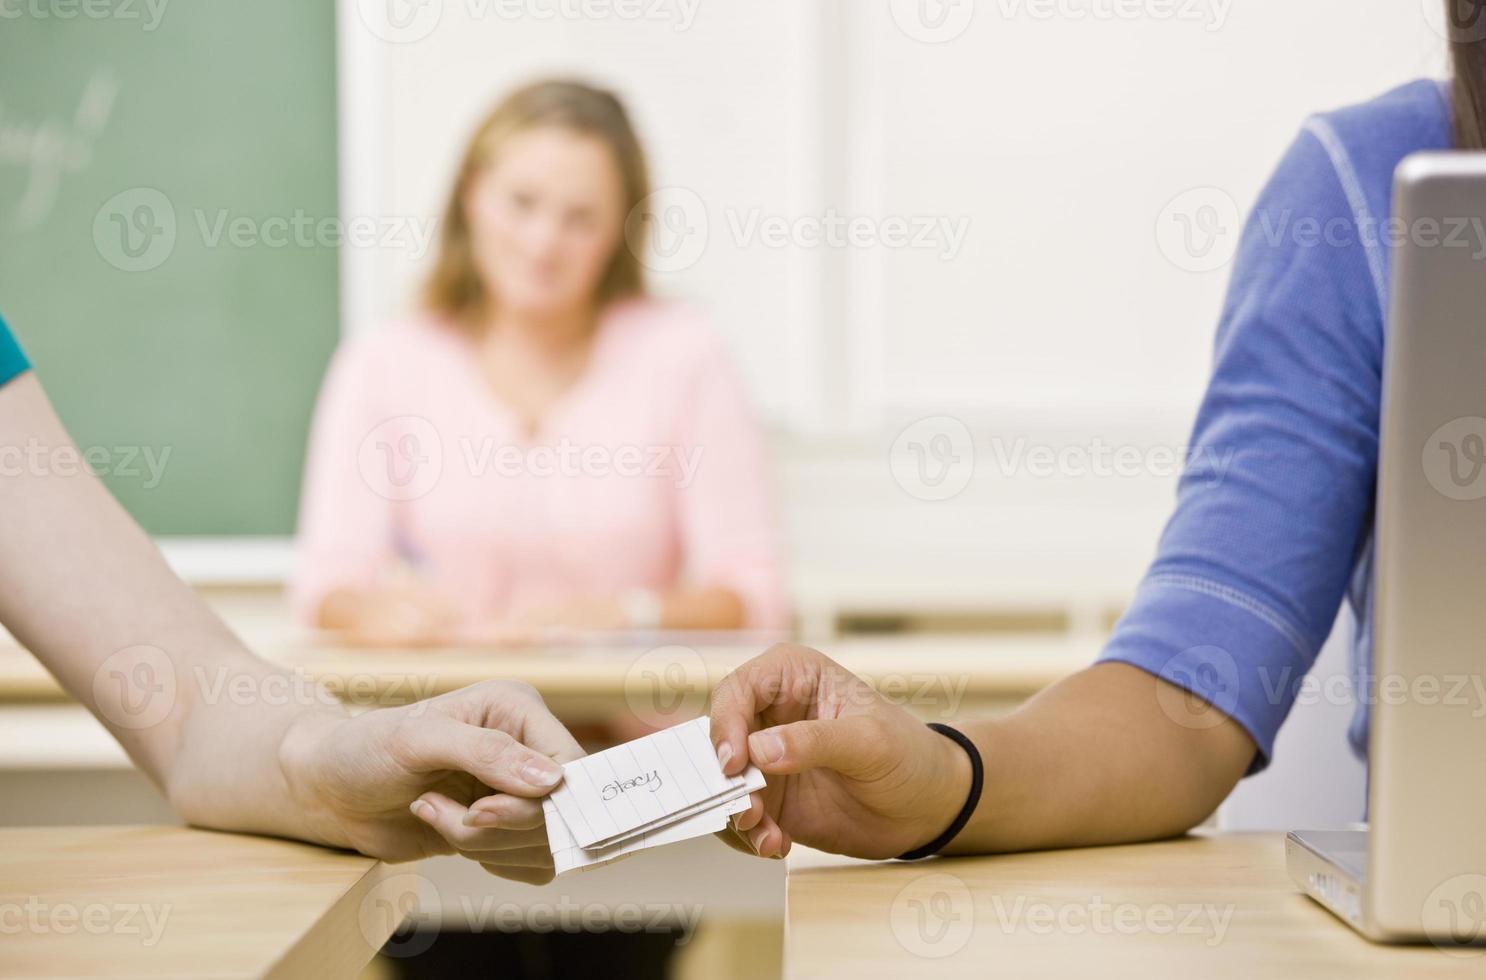 gli studenti che passano gli appunti in classe foto